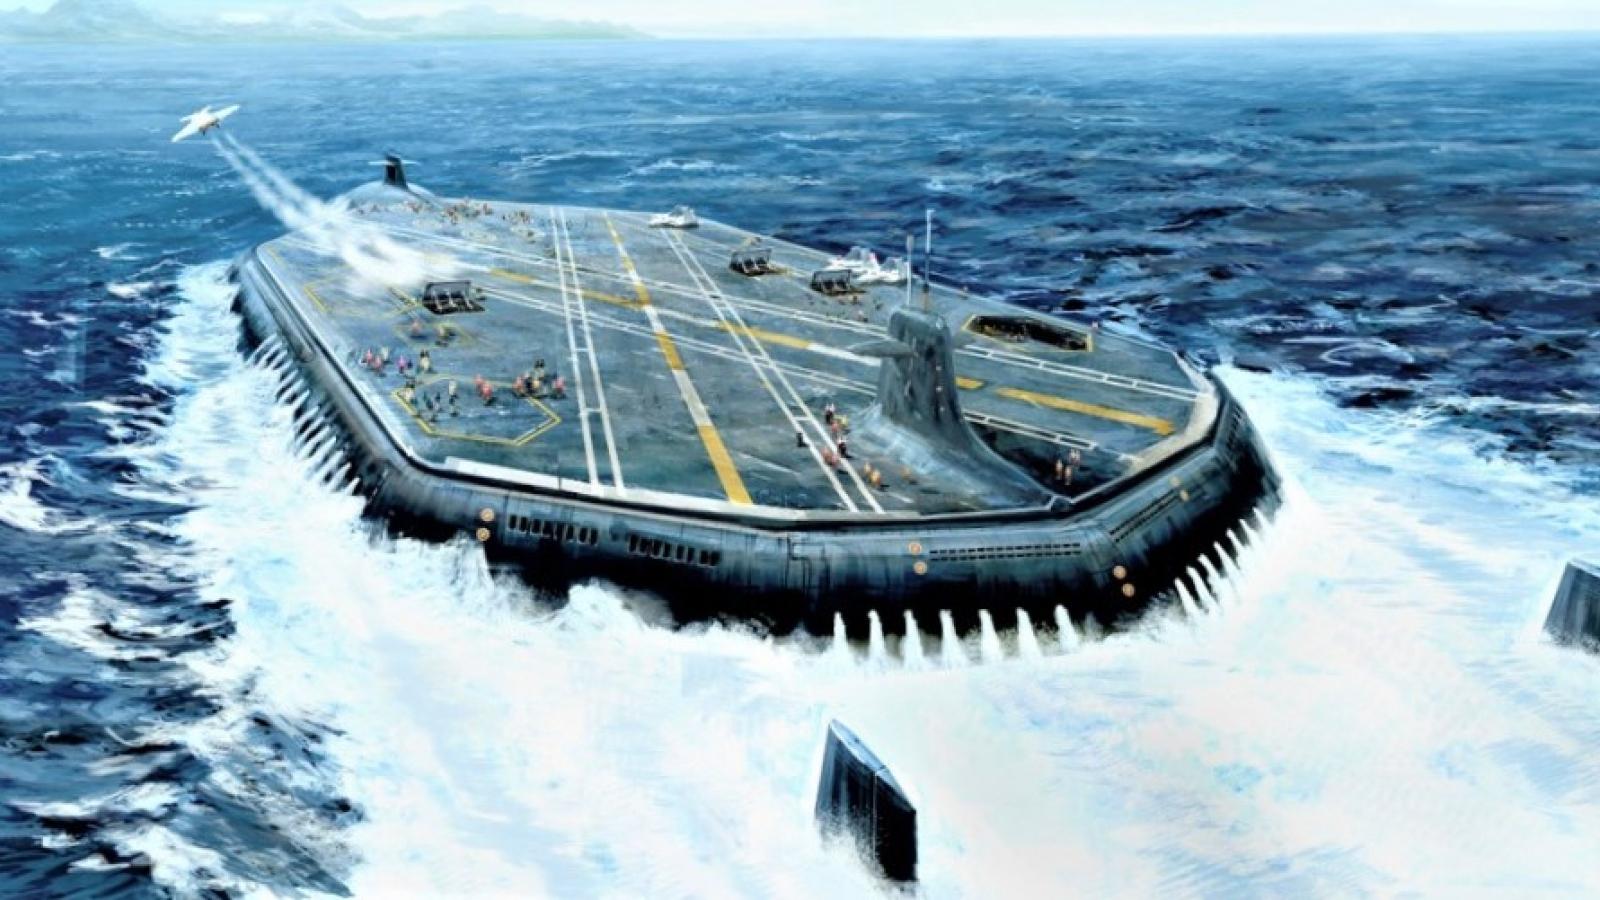 Tàu sân bay ngầm: Ý tưởng hoàn toàn khả thi